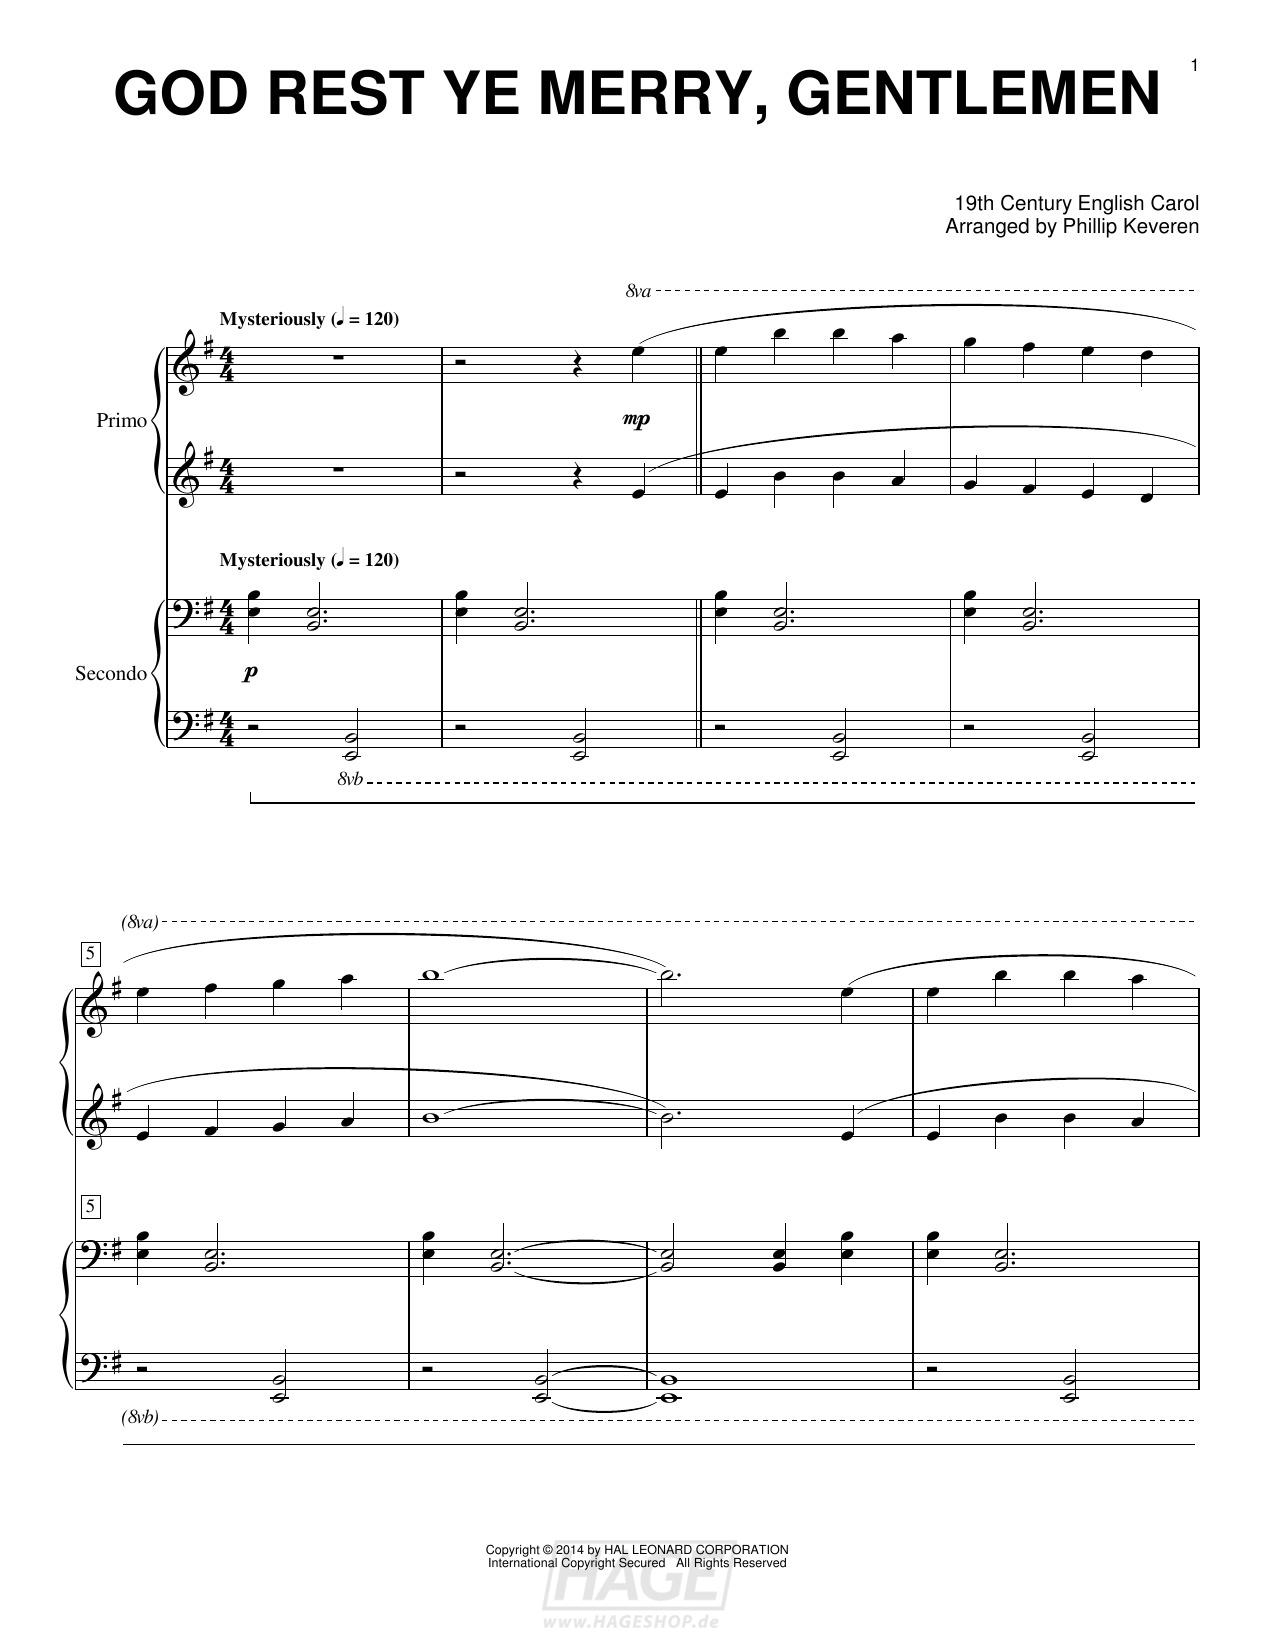 God Rest Ye Merry, Gentlemen - Phillip Keveren - Noten Druckvorschau